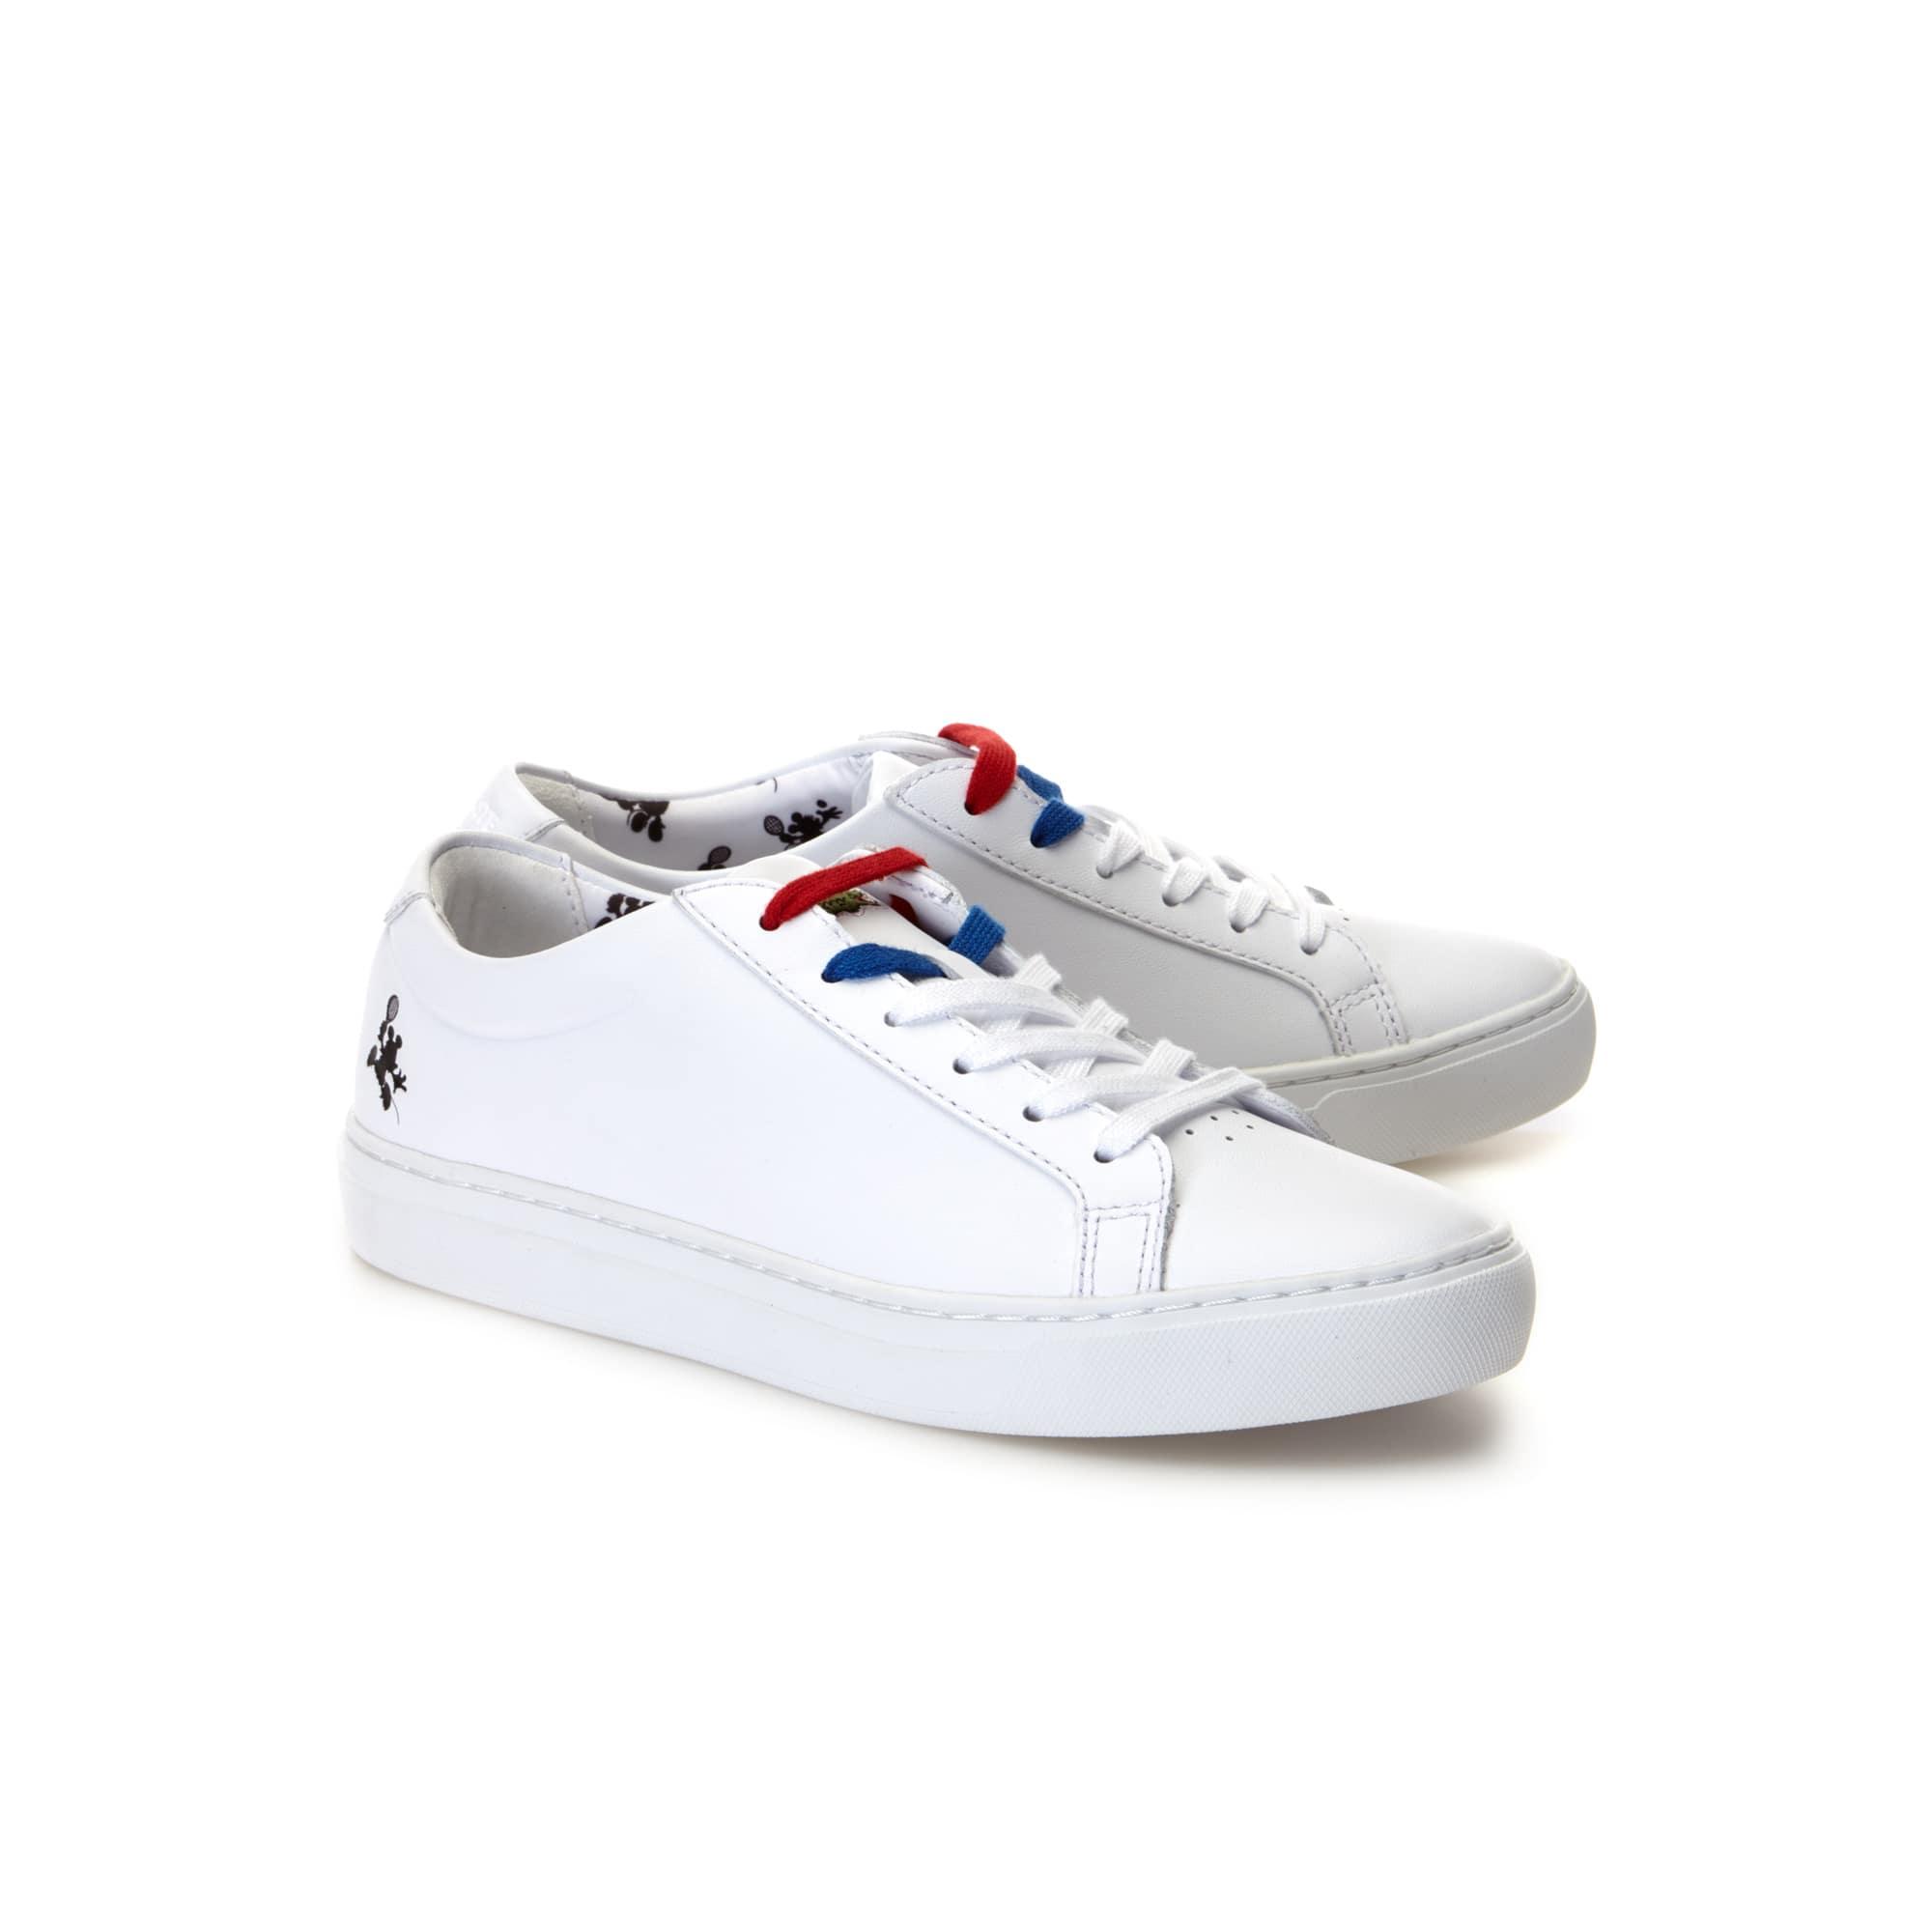 12 Femme Disney Cuir Imprimé Lacoste L Collab Sneakers En 12 awg4dqE